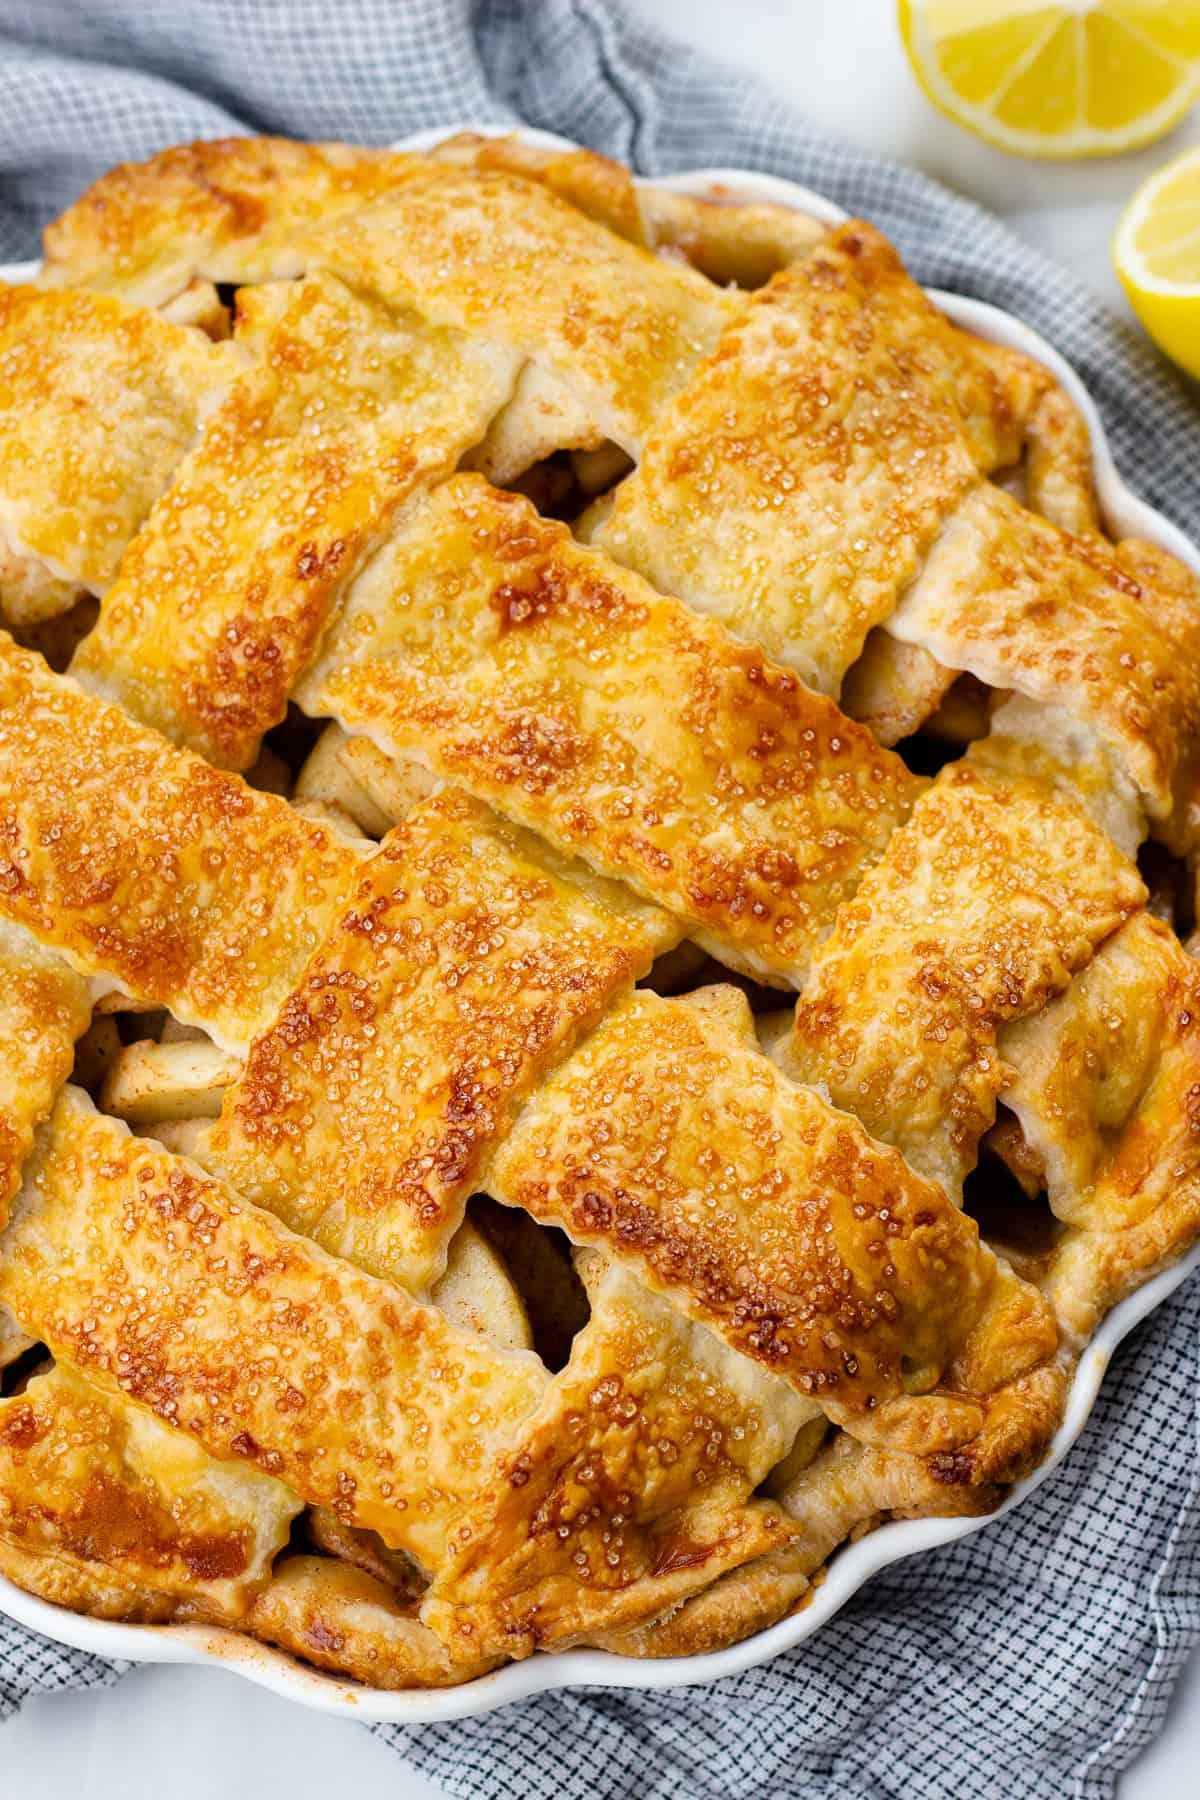 A close up of an apple pie.